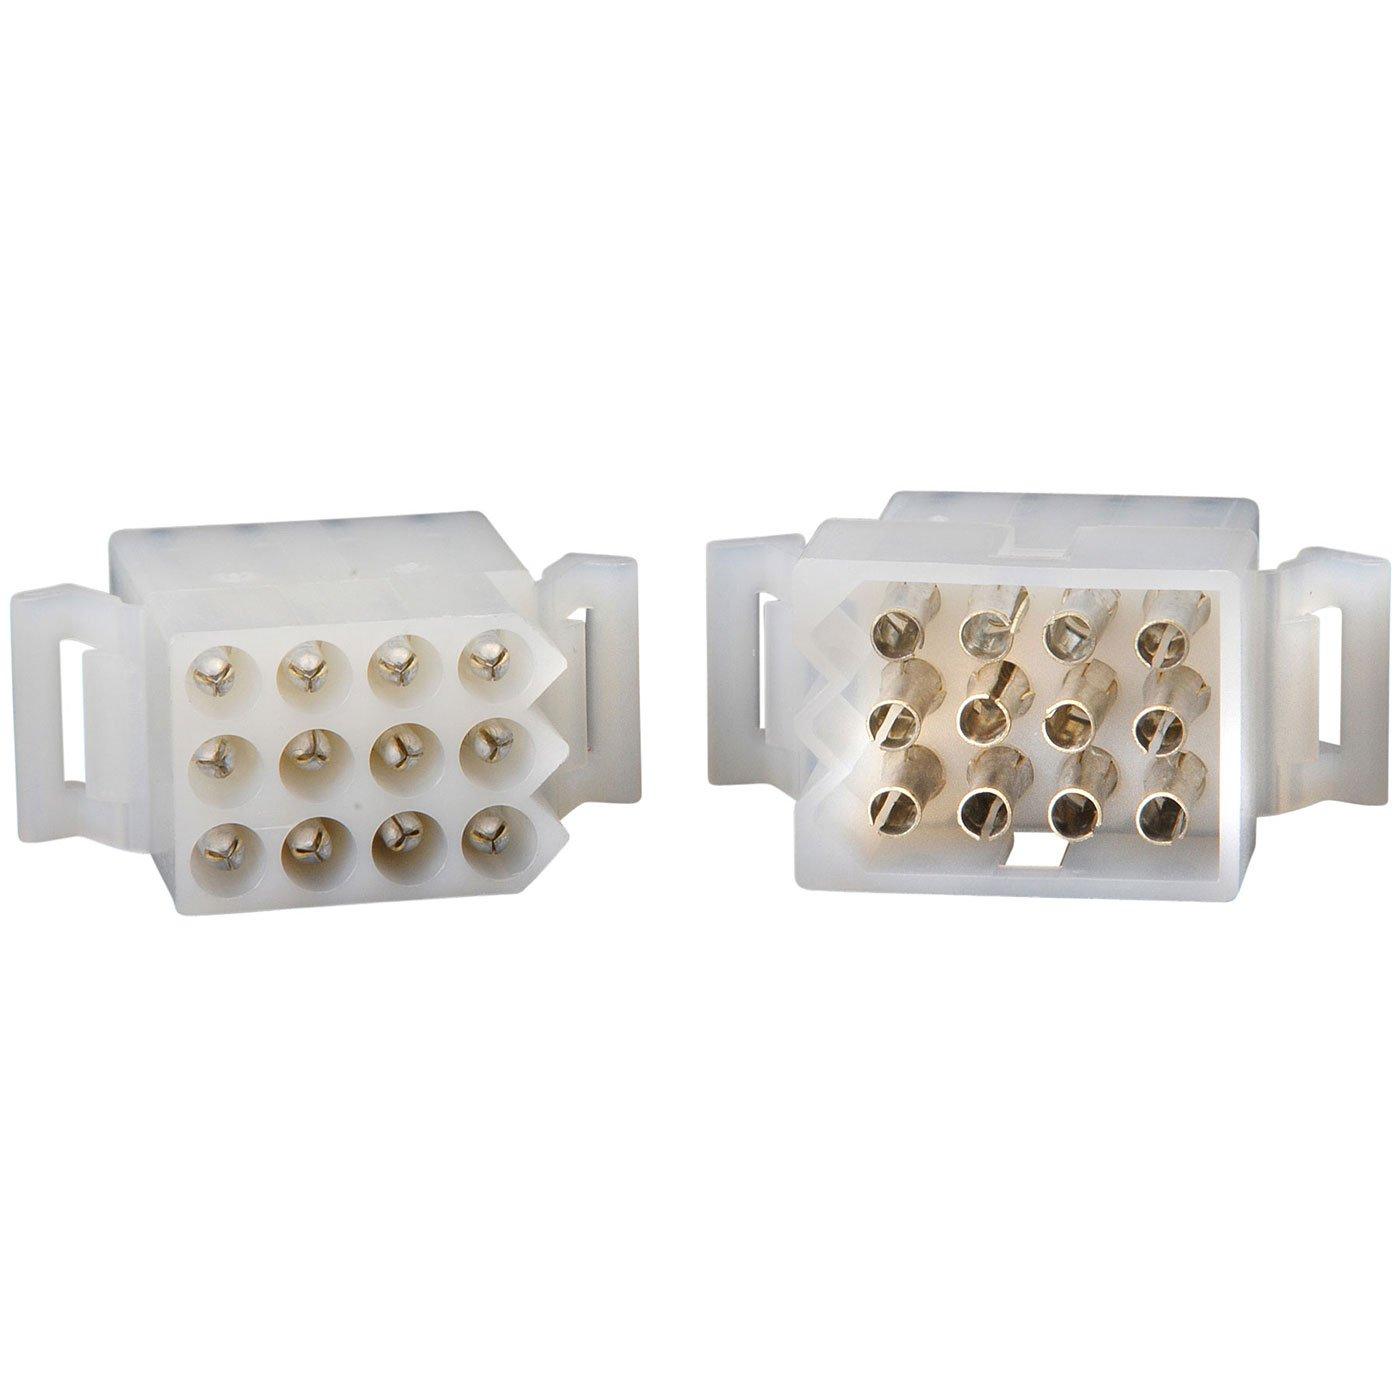 molex connectors amazon com 12 Pin Molex Wiring Diagram